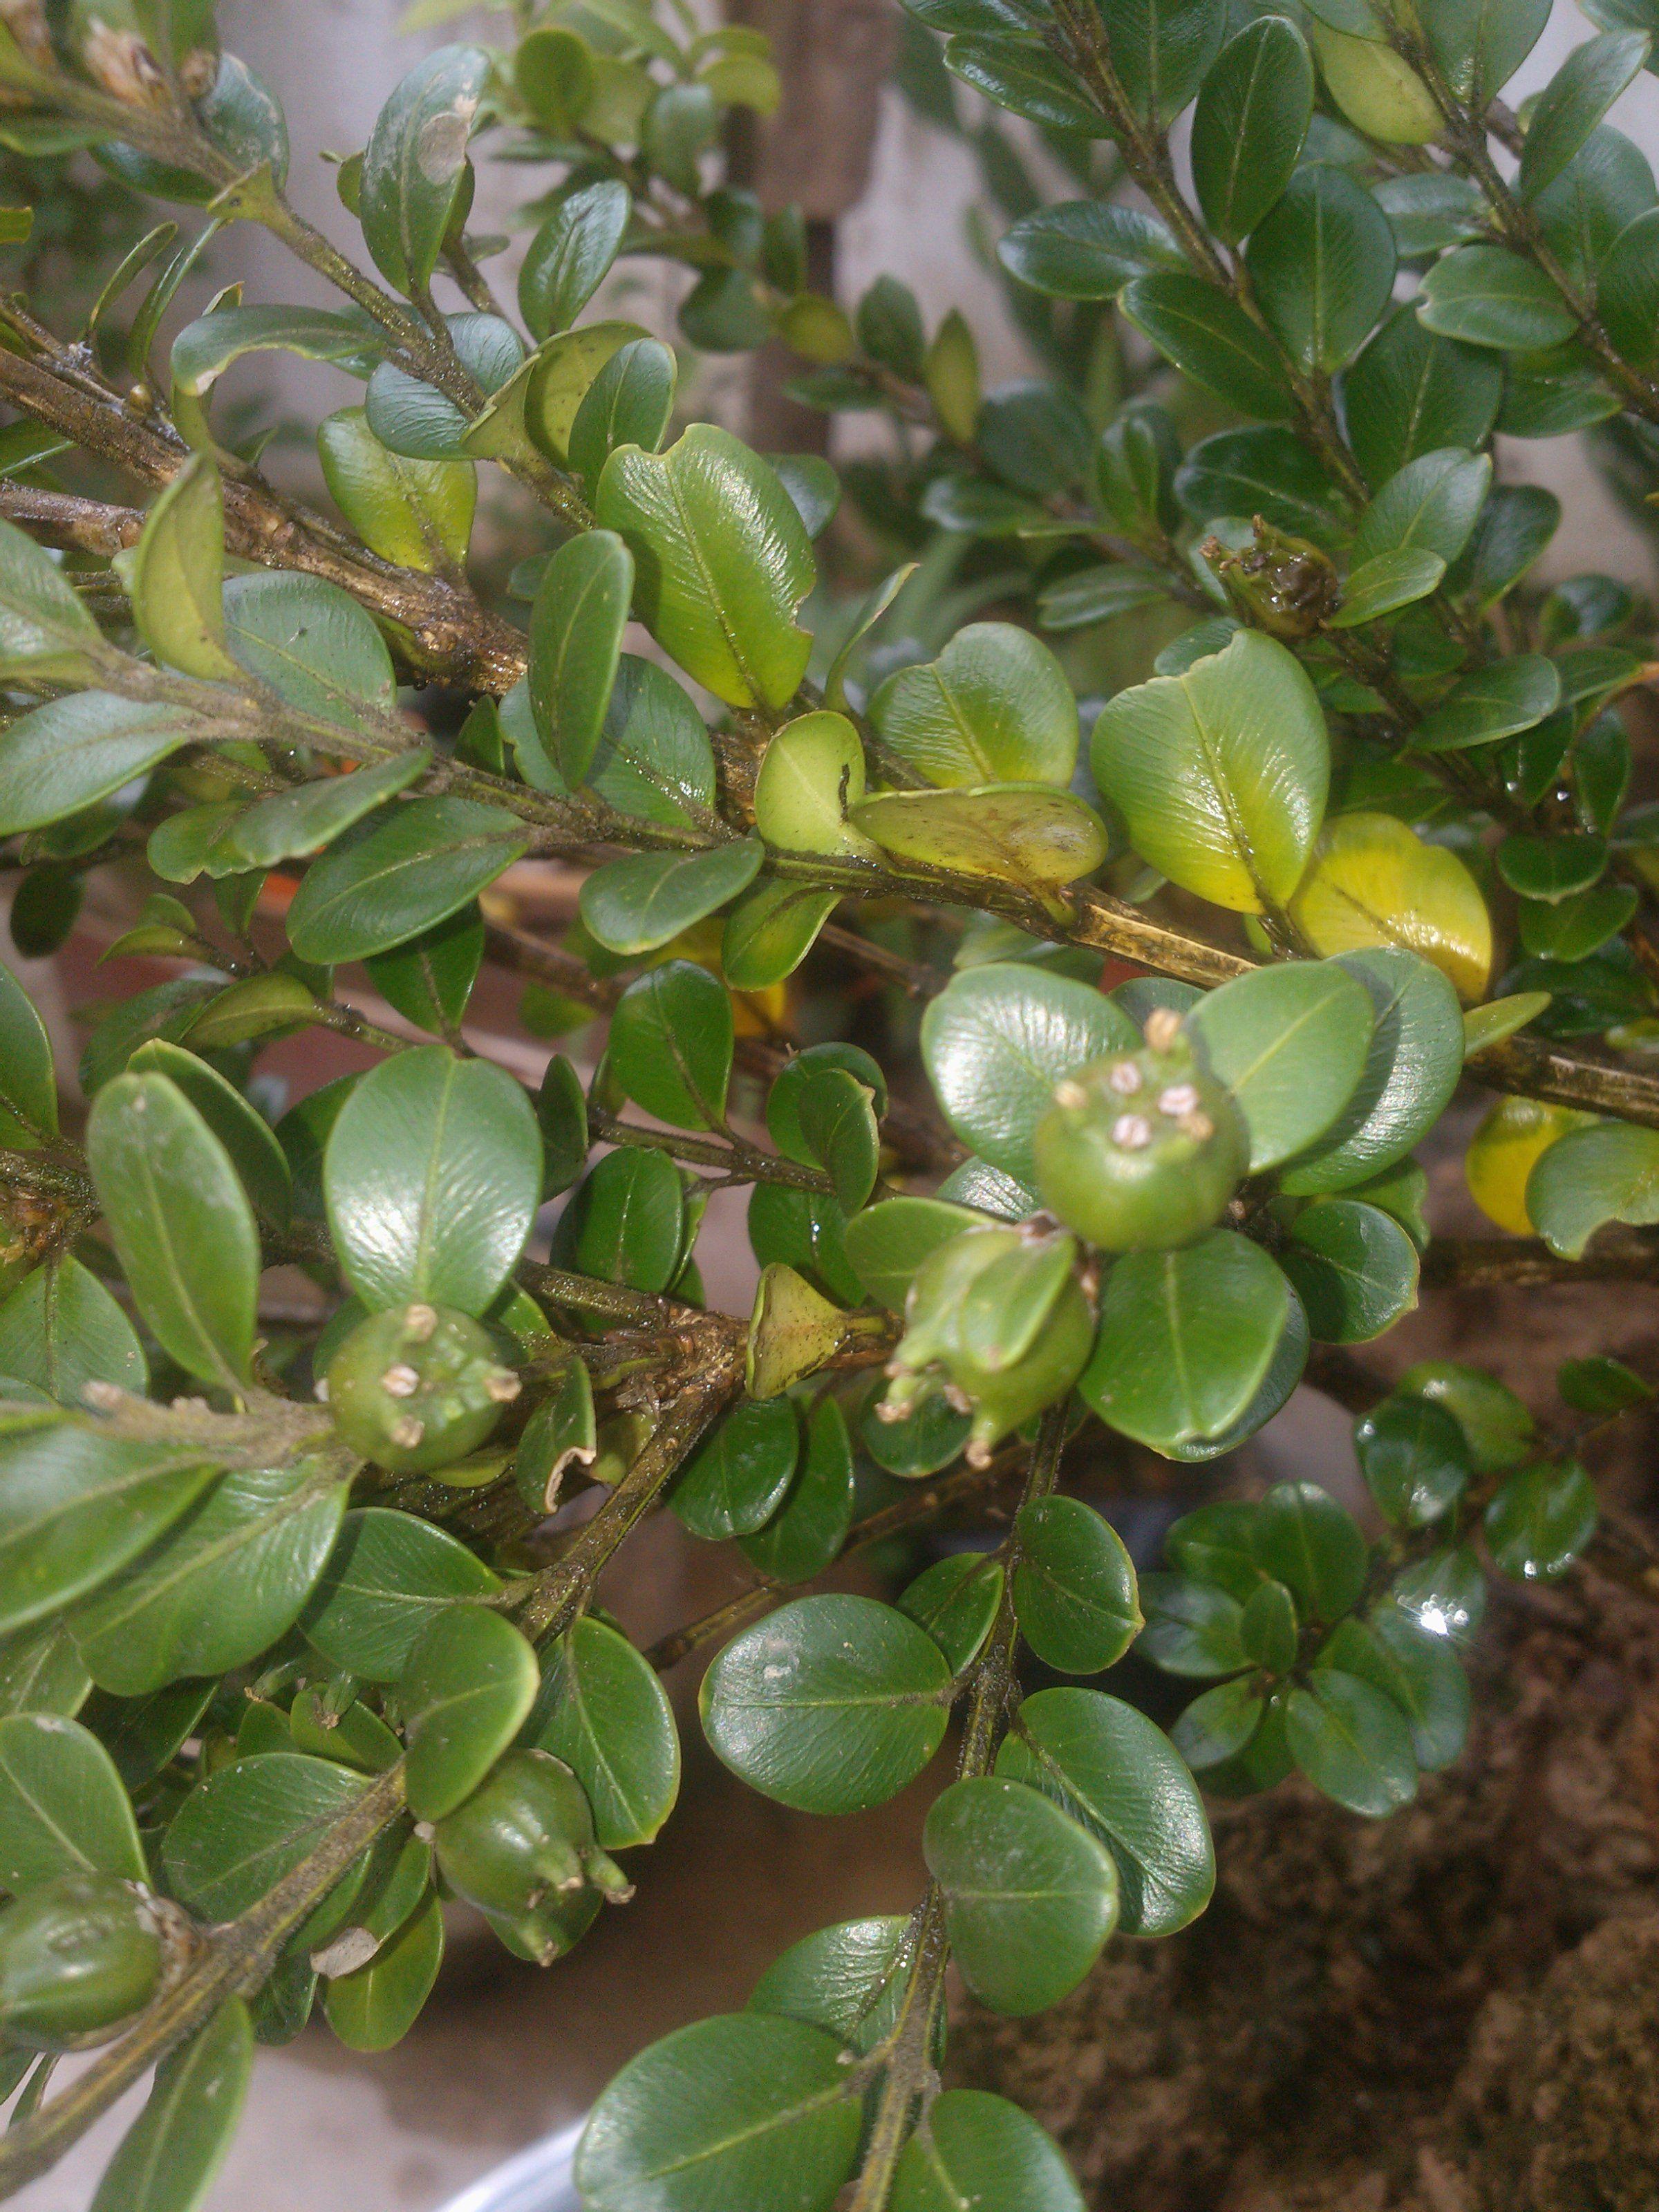 5厘米多长_这是珍珠黄杨吗 叶长1.5厘米 宽1厘米左右 这是它的叶和果_百度知道